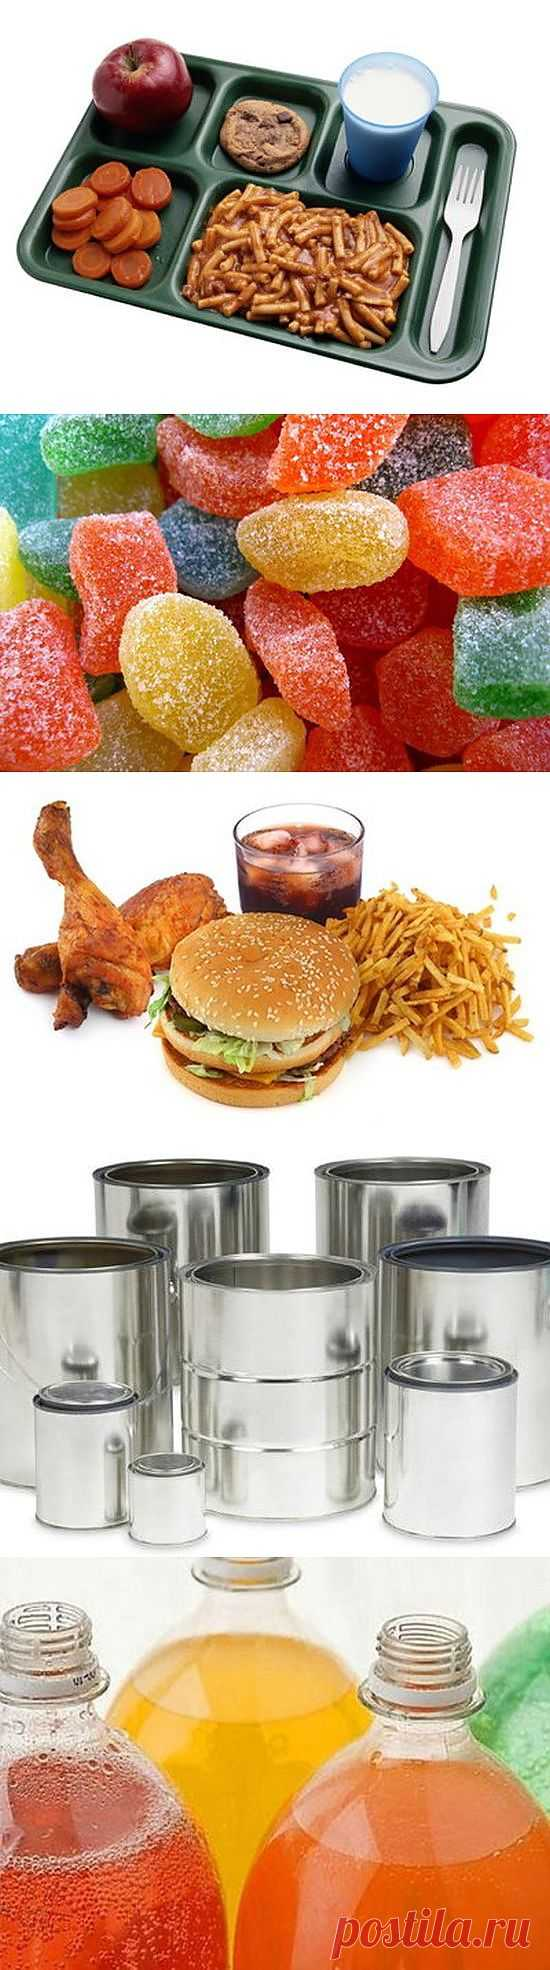 Топ-10 пугающих фактов о еде | Всё самое лучшее из интернета